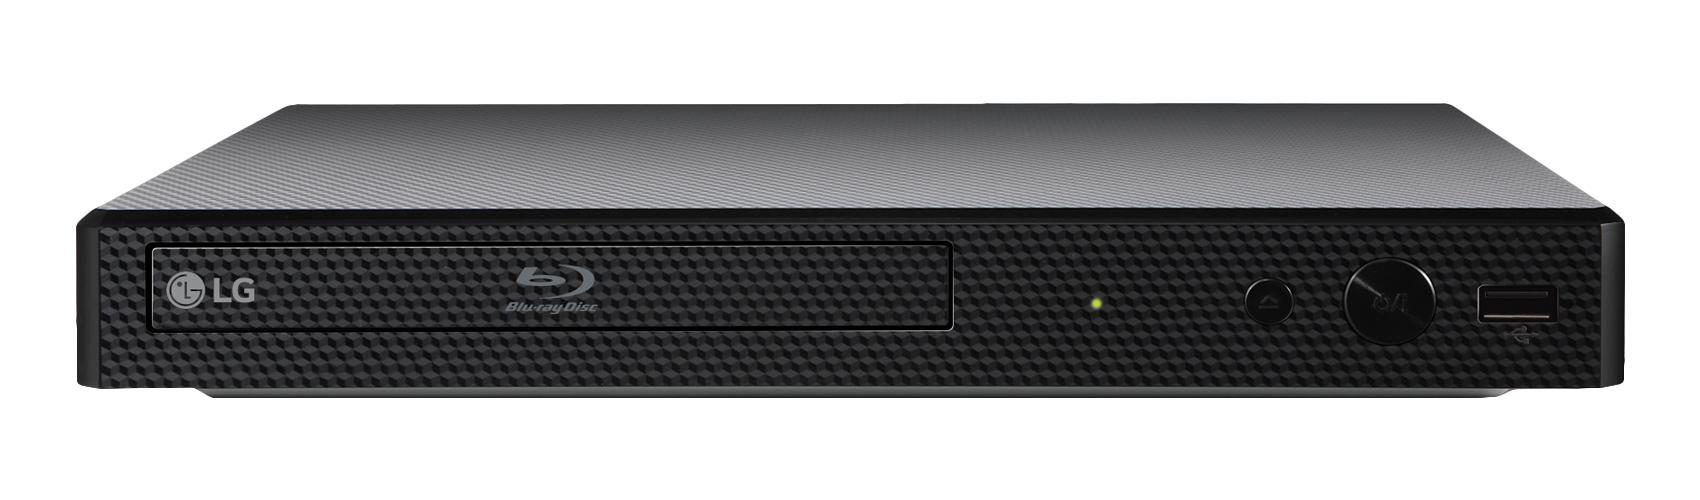 LG BP250 Blu-Ray player 2.0 Black Blu-Ray player